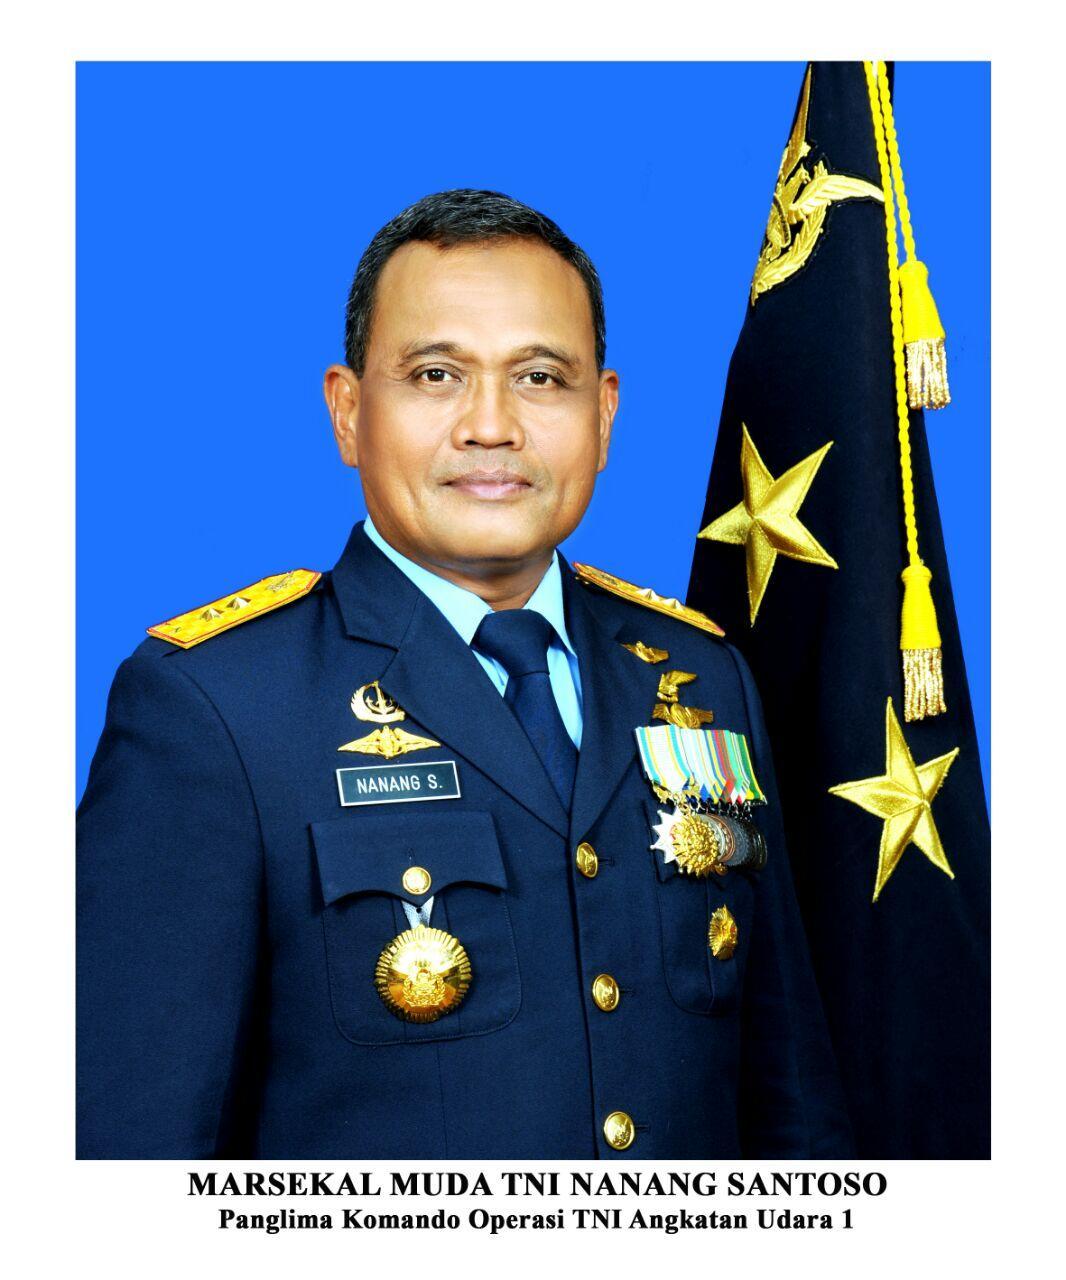 Pangkoopsau I Keluarkan Instruksi Batas Kecepatan Ranmor di Wilayah Lanud Halim PK